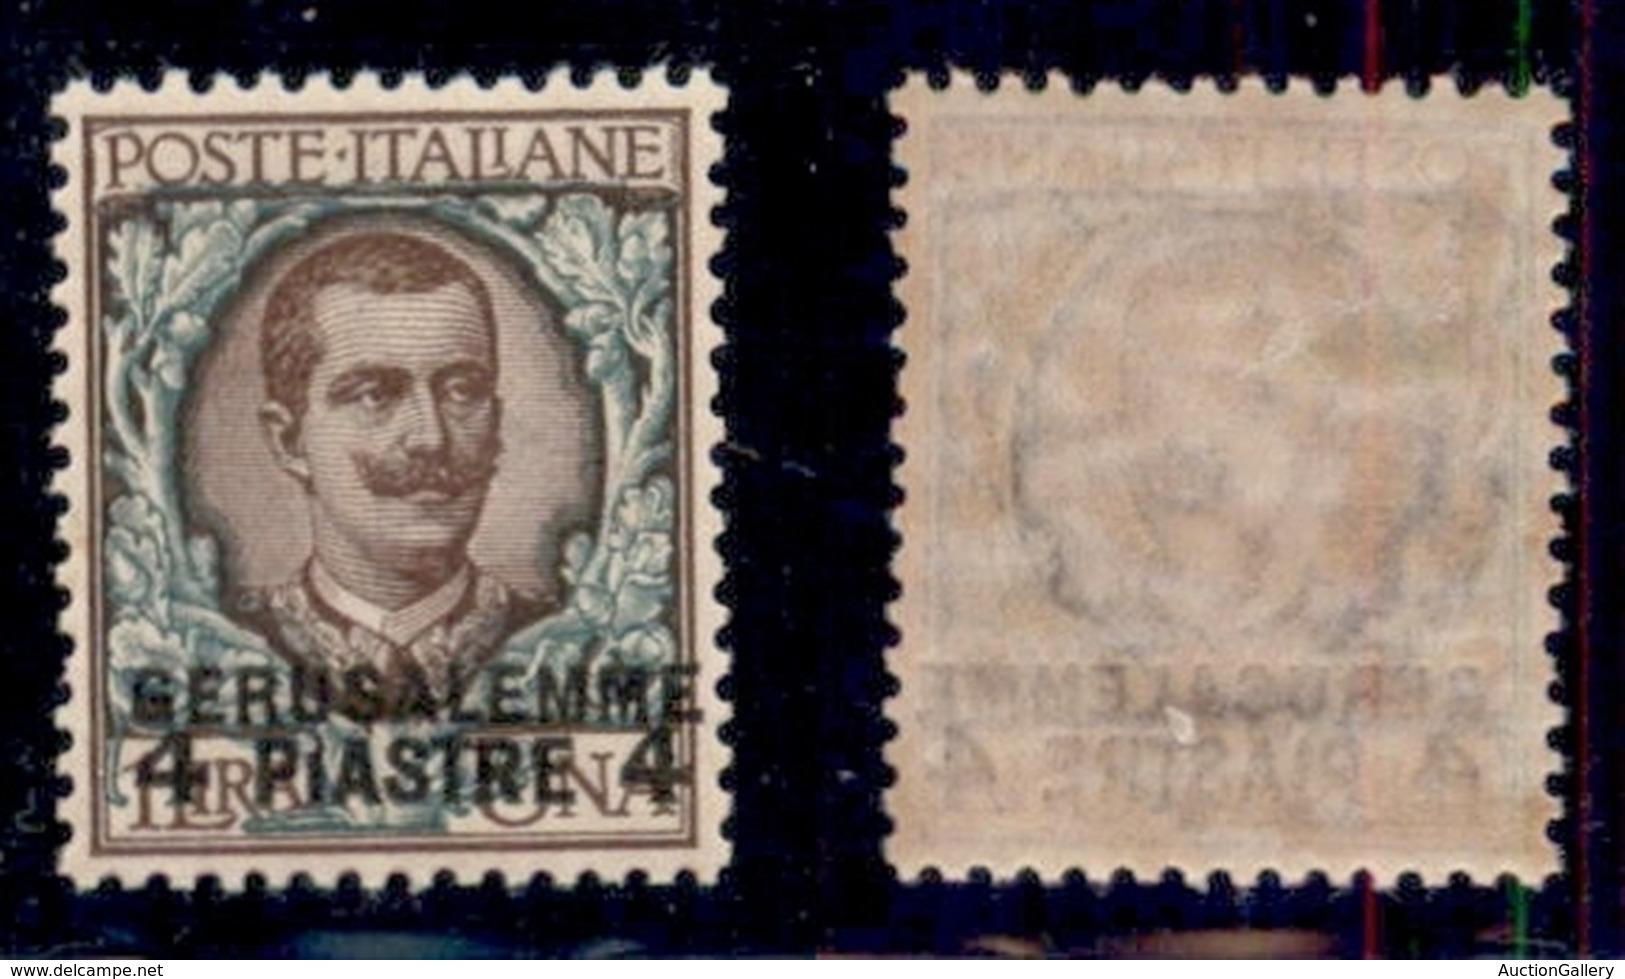 UFFICI POSTALI ALL'ESTERO - Levante - Gerusalemme - 1909 - 4 Piastre Su 1 Lira (6) - Gomma Originale - Ottima Centratura - Stamps